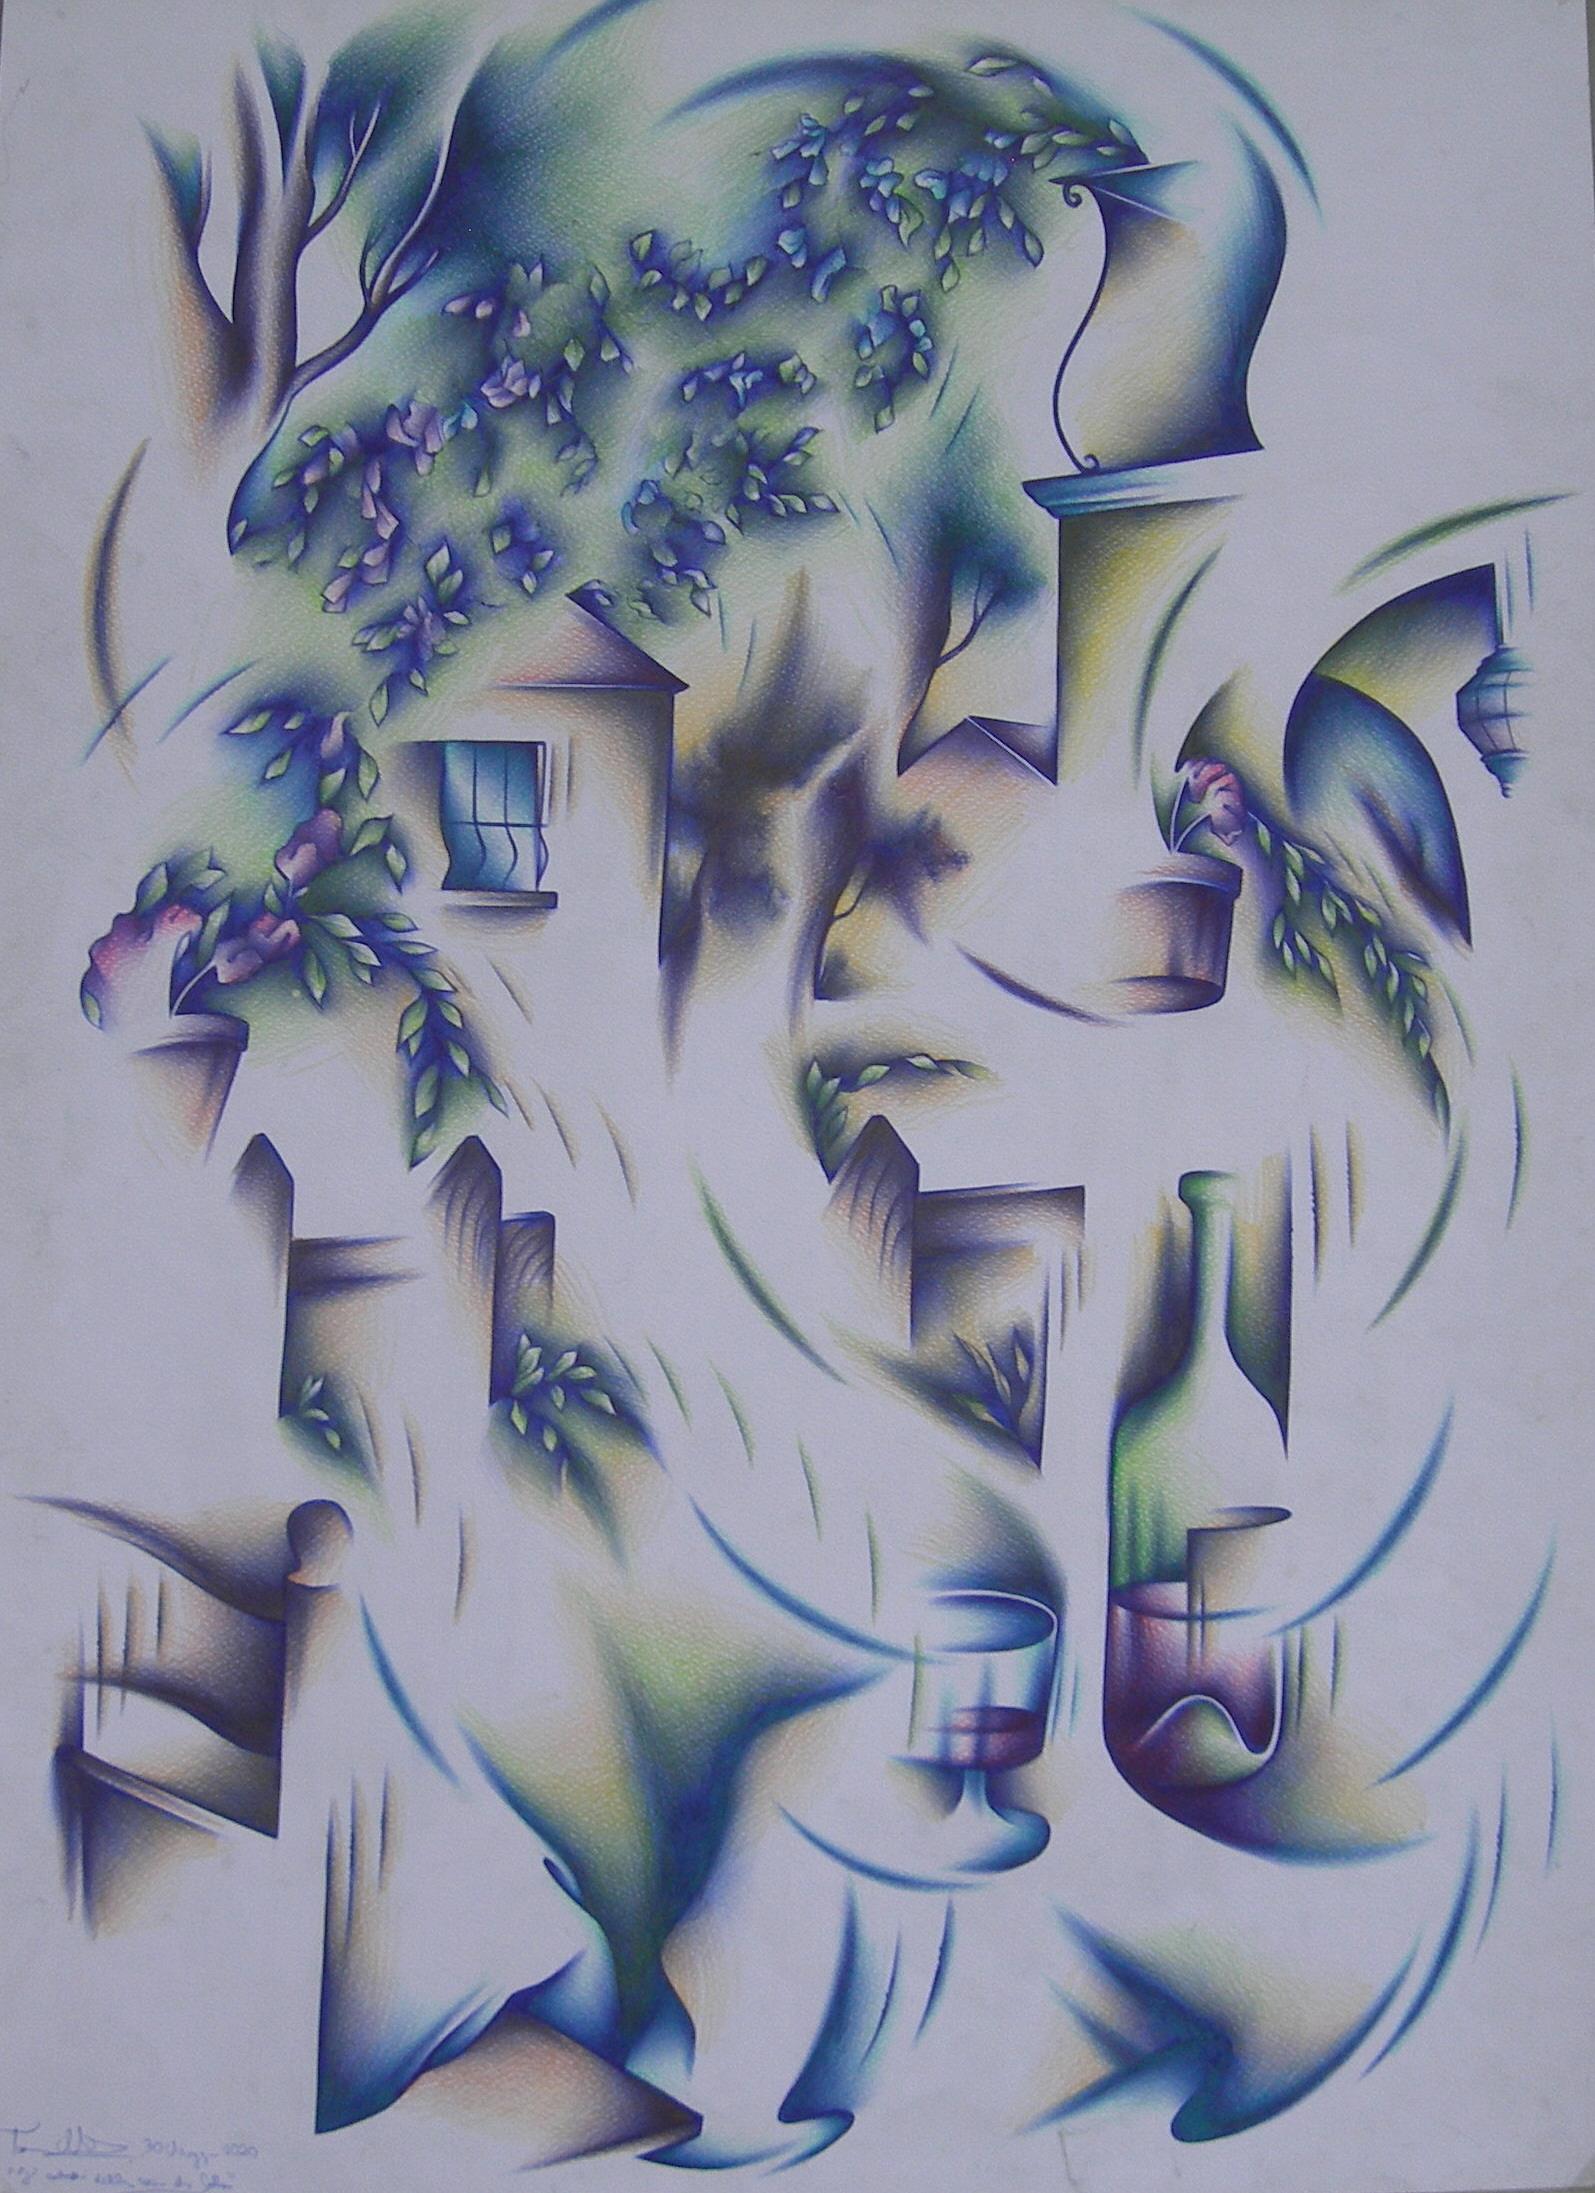 Giardino della casa di Catte tecn. m. su carta  cm. 70x50  2020